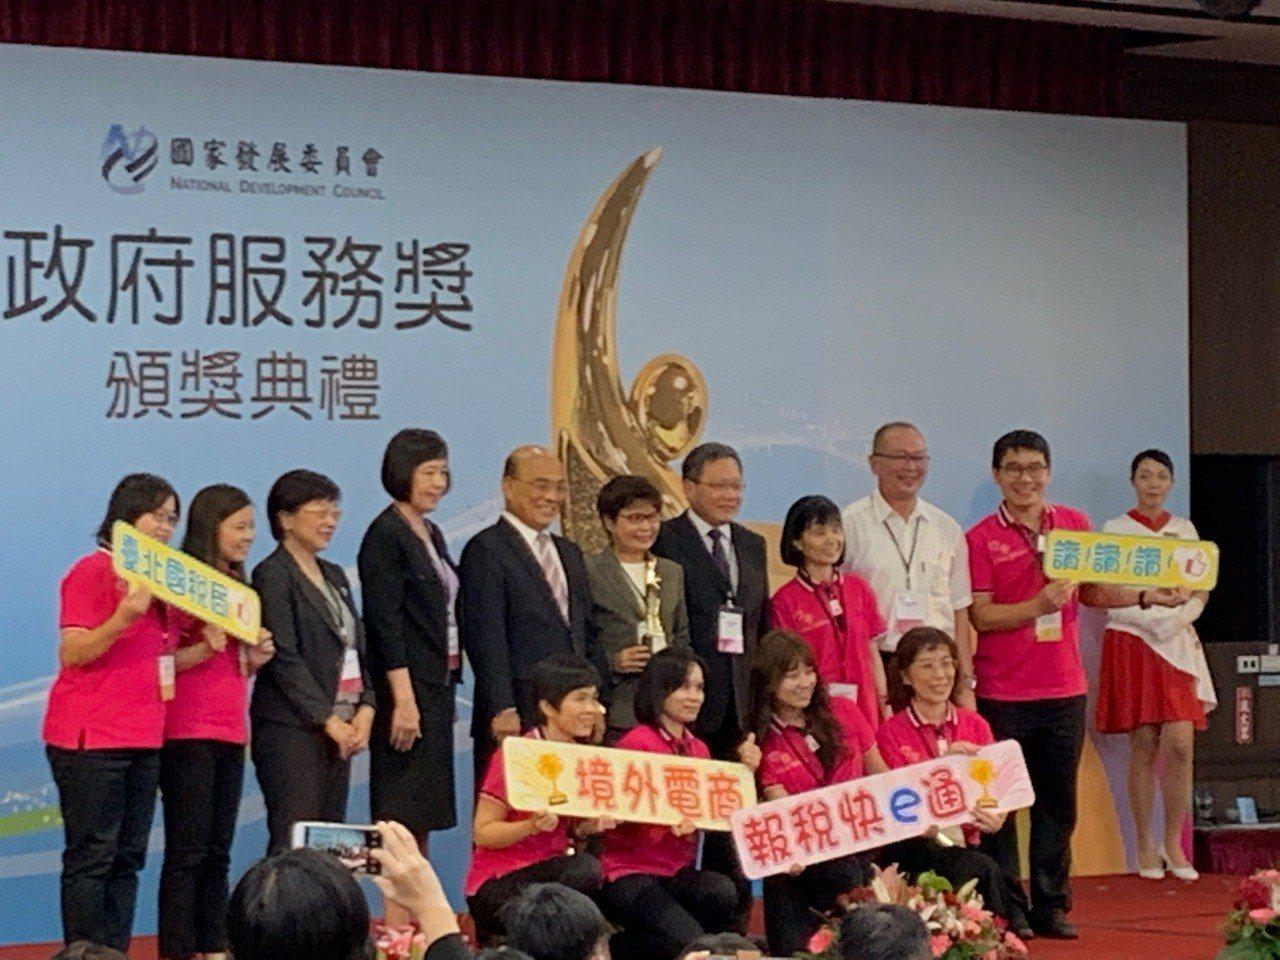 行政院長蘇貞昌今天下午出席「第2屆政府服務獎頒獎典禮」。記者林河名/攝影